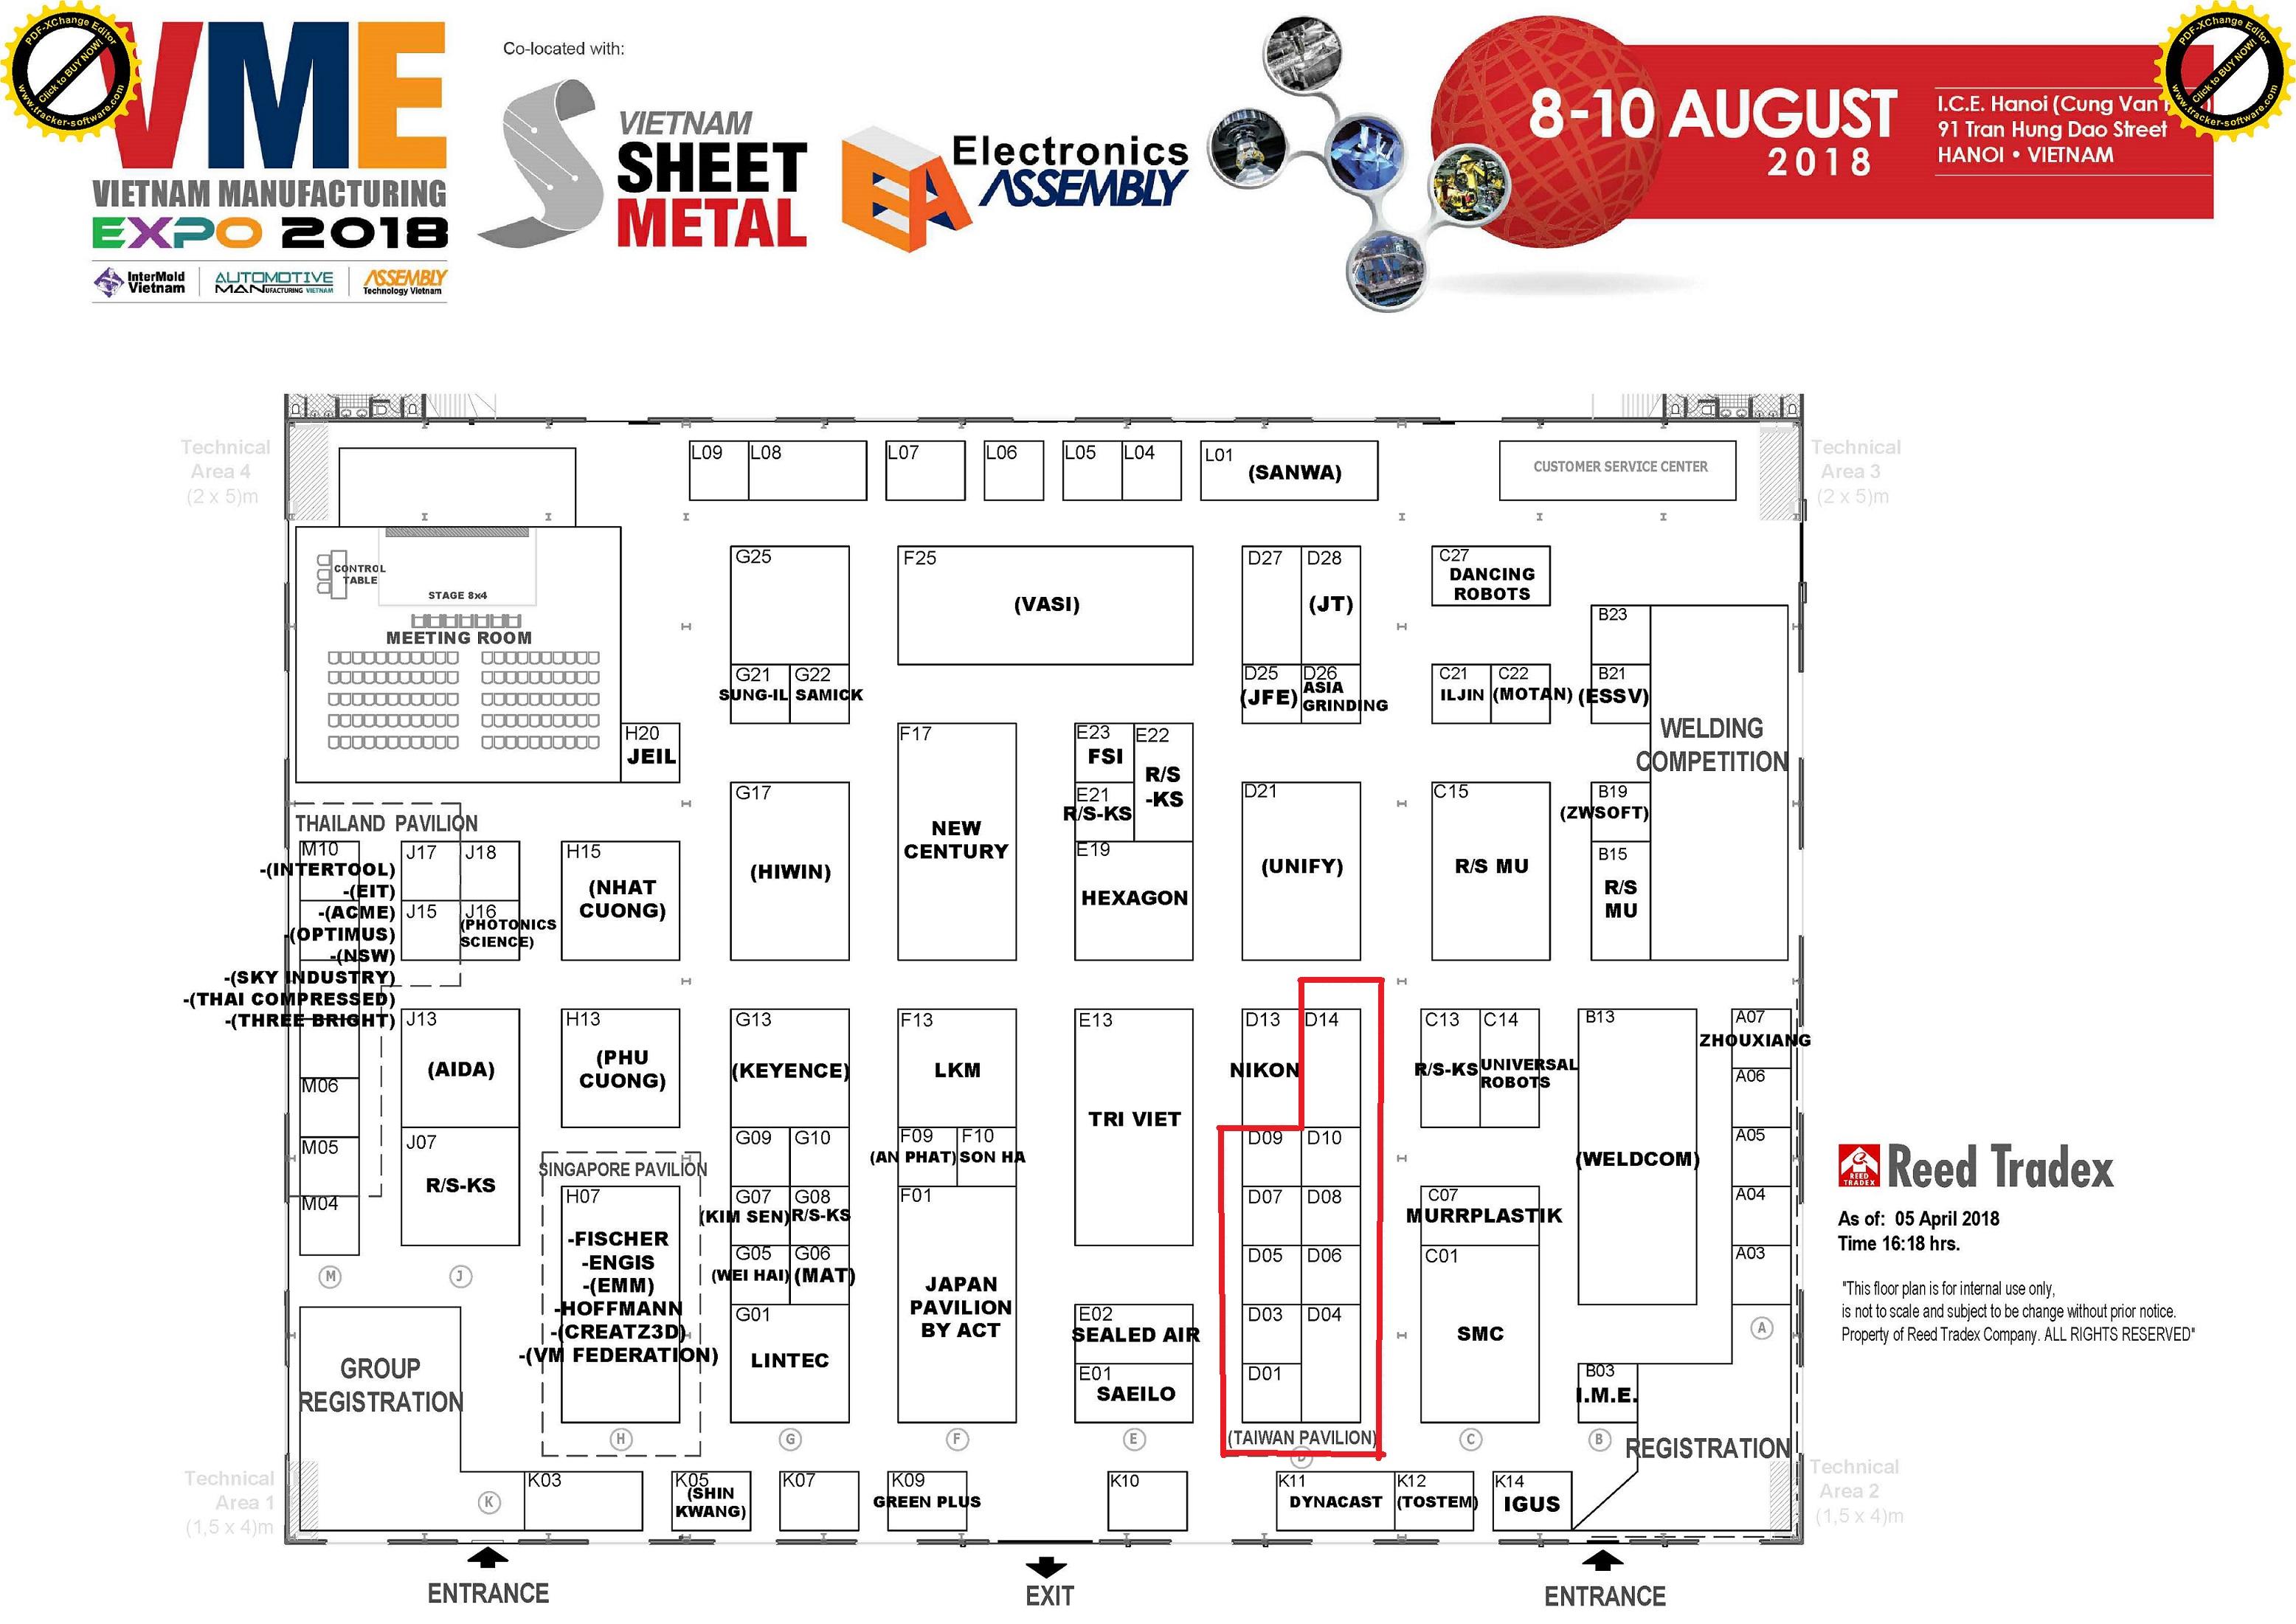 VME2018-Floor-plan